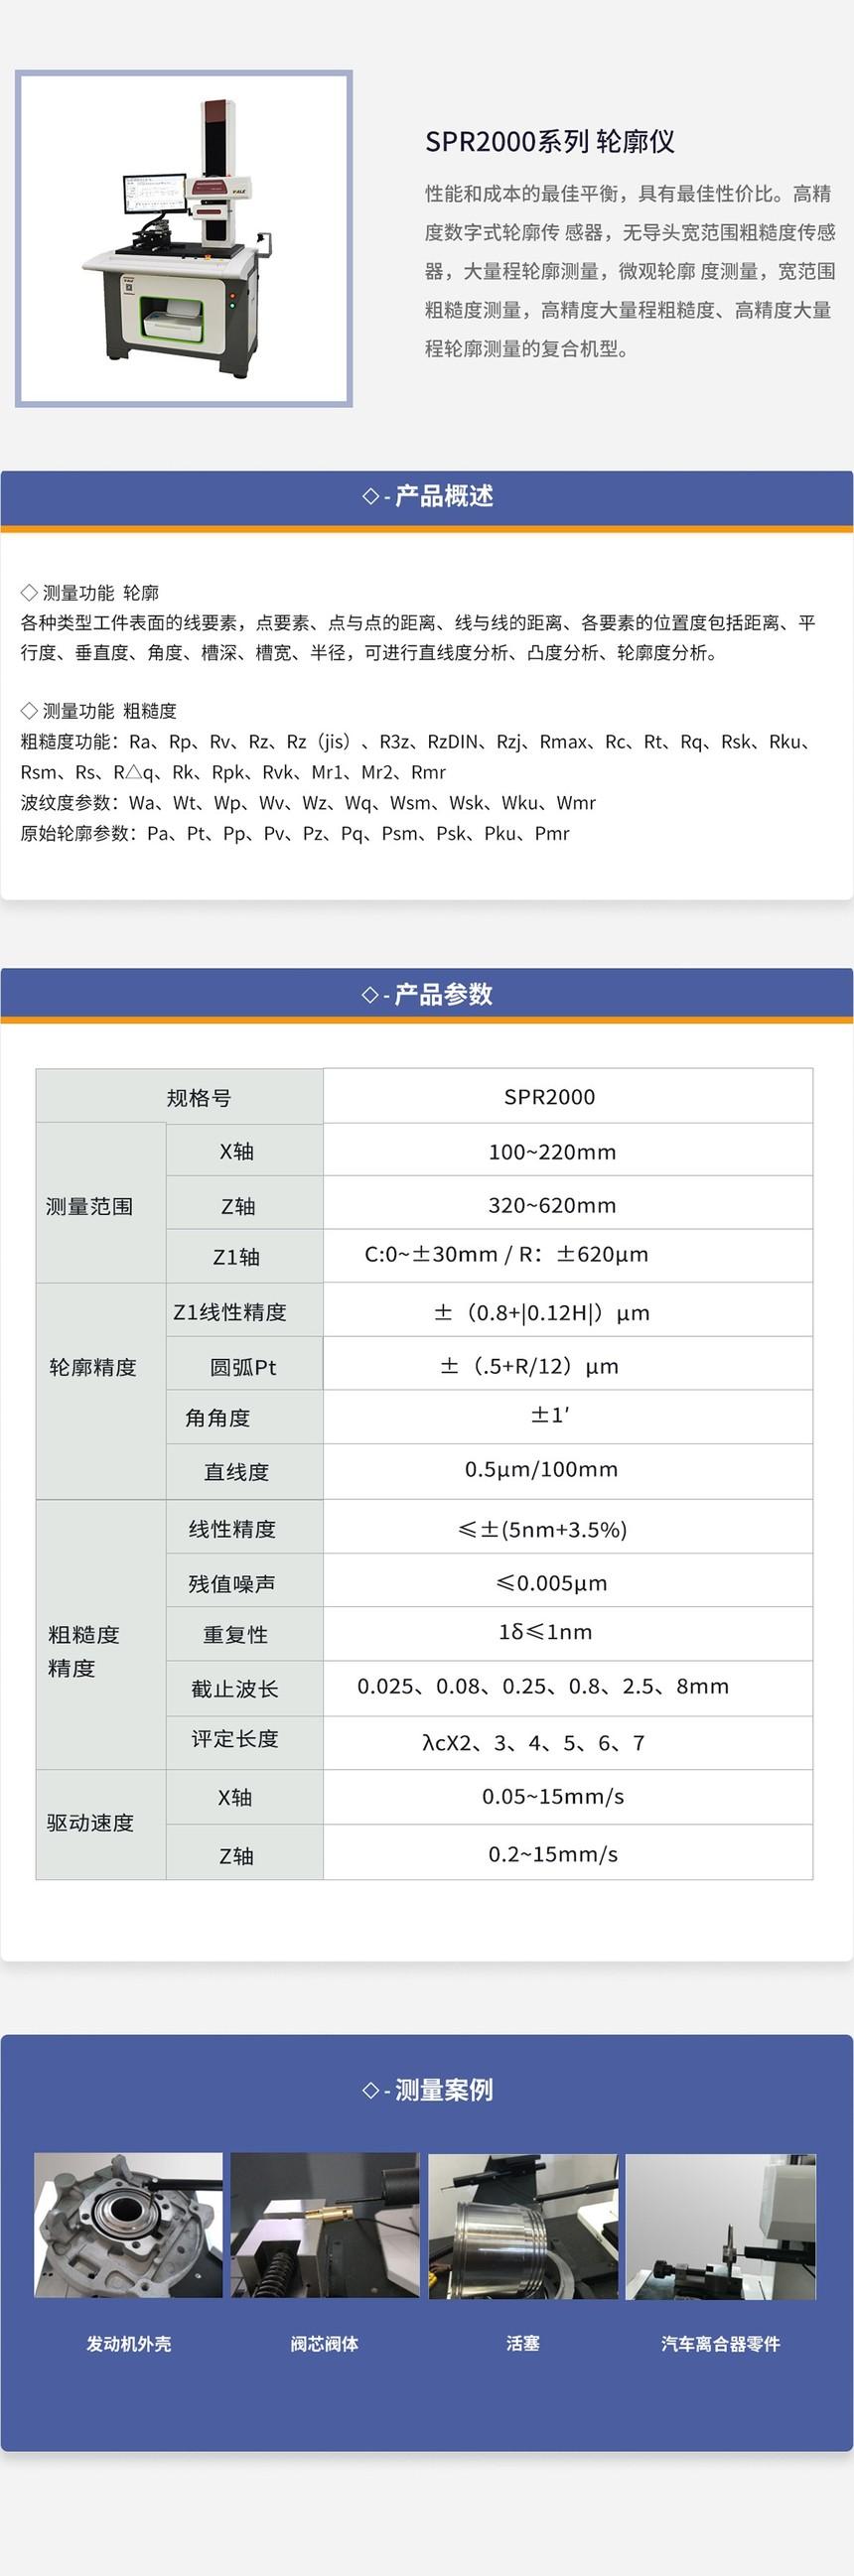 产品中心-SPR2000轮廓仪_02.jpg